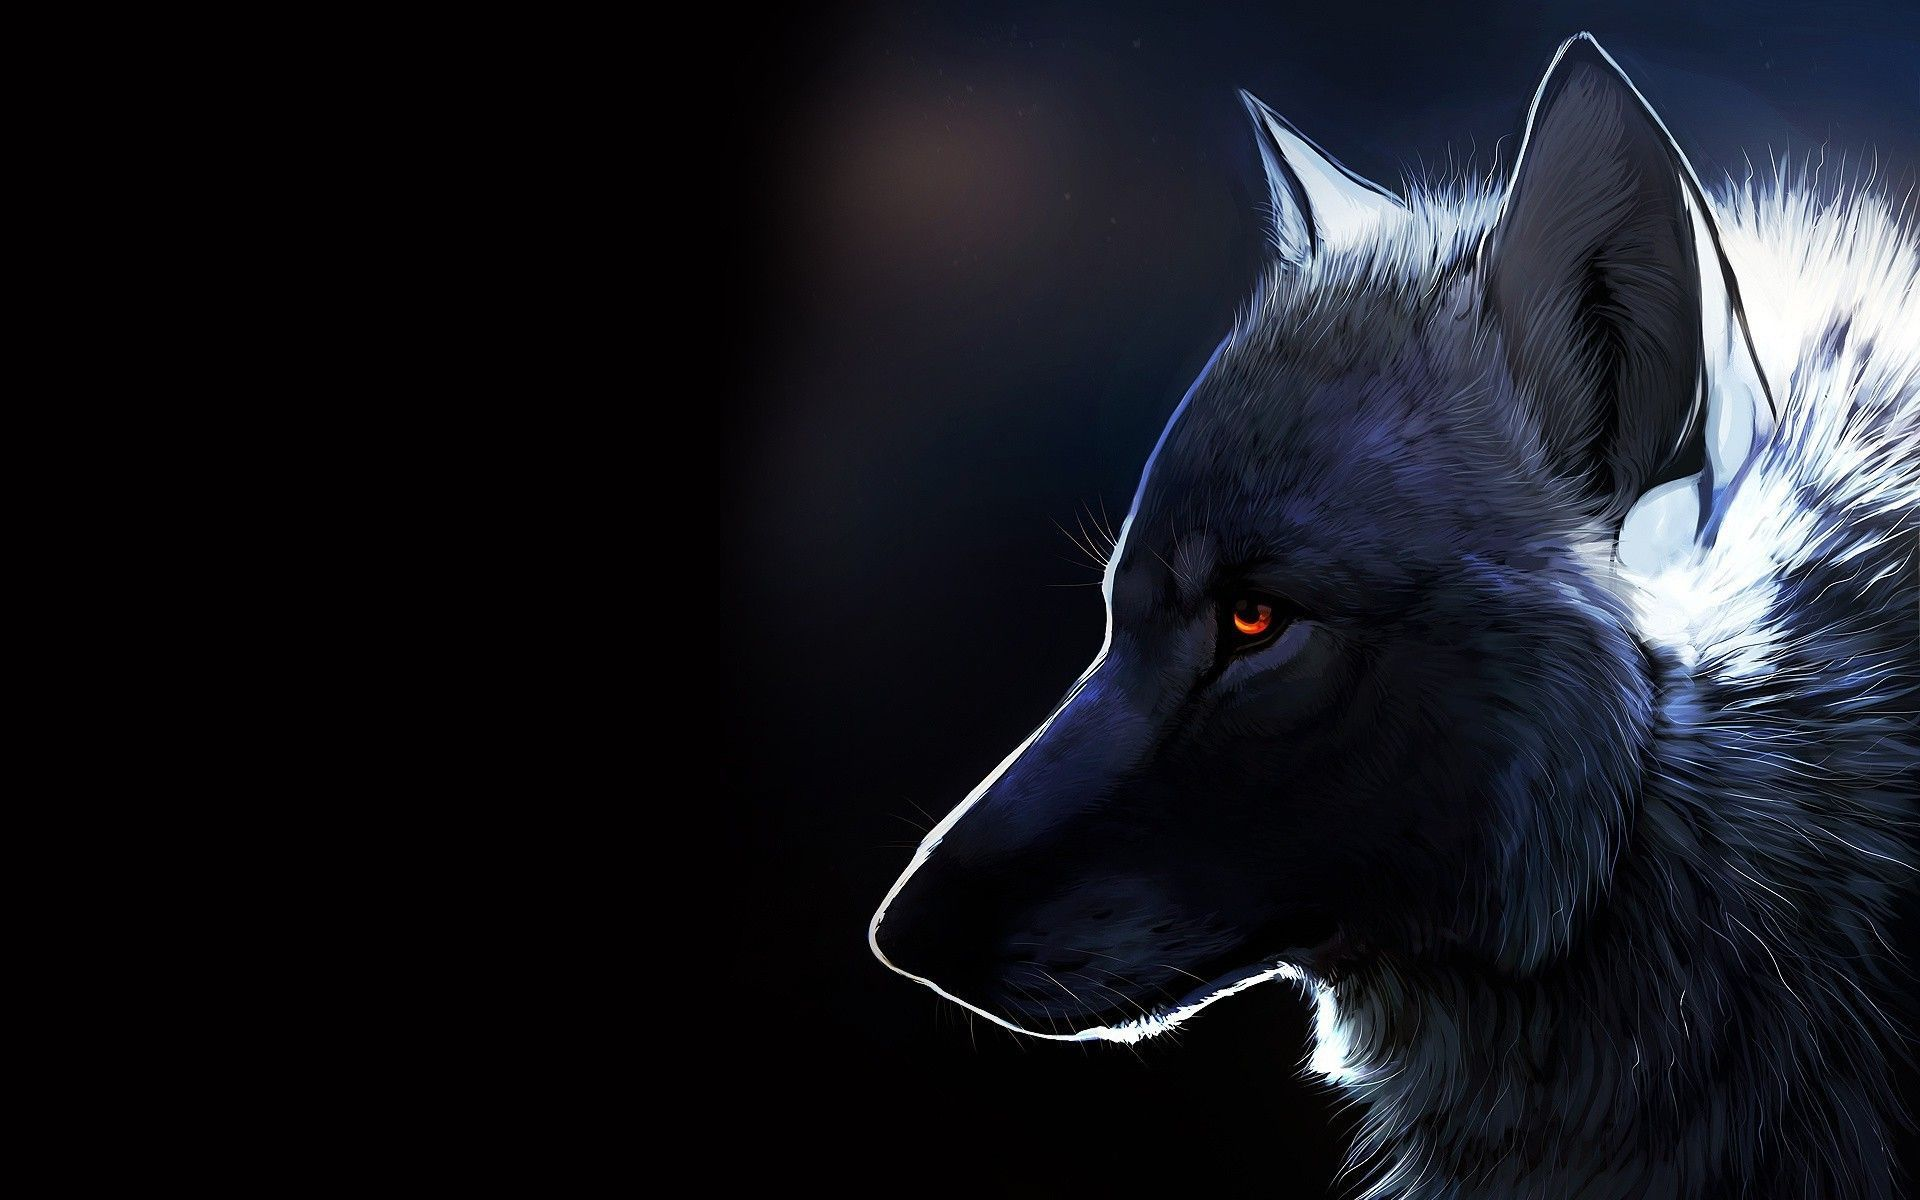 Hình ảnh HD 1920x1200 Wolf Wallpaper.  Một hình nền HD.  chó sói